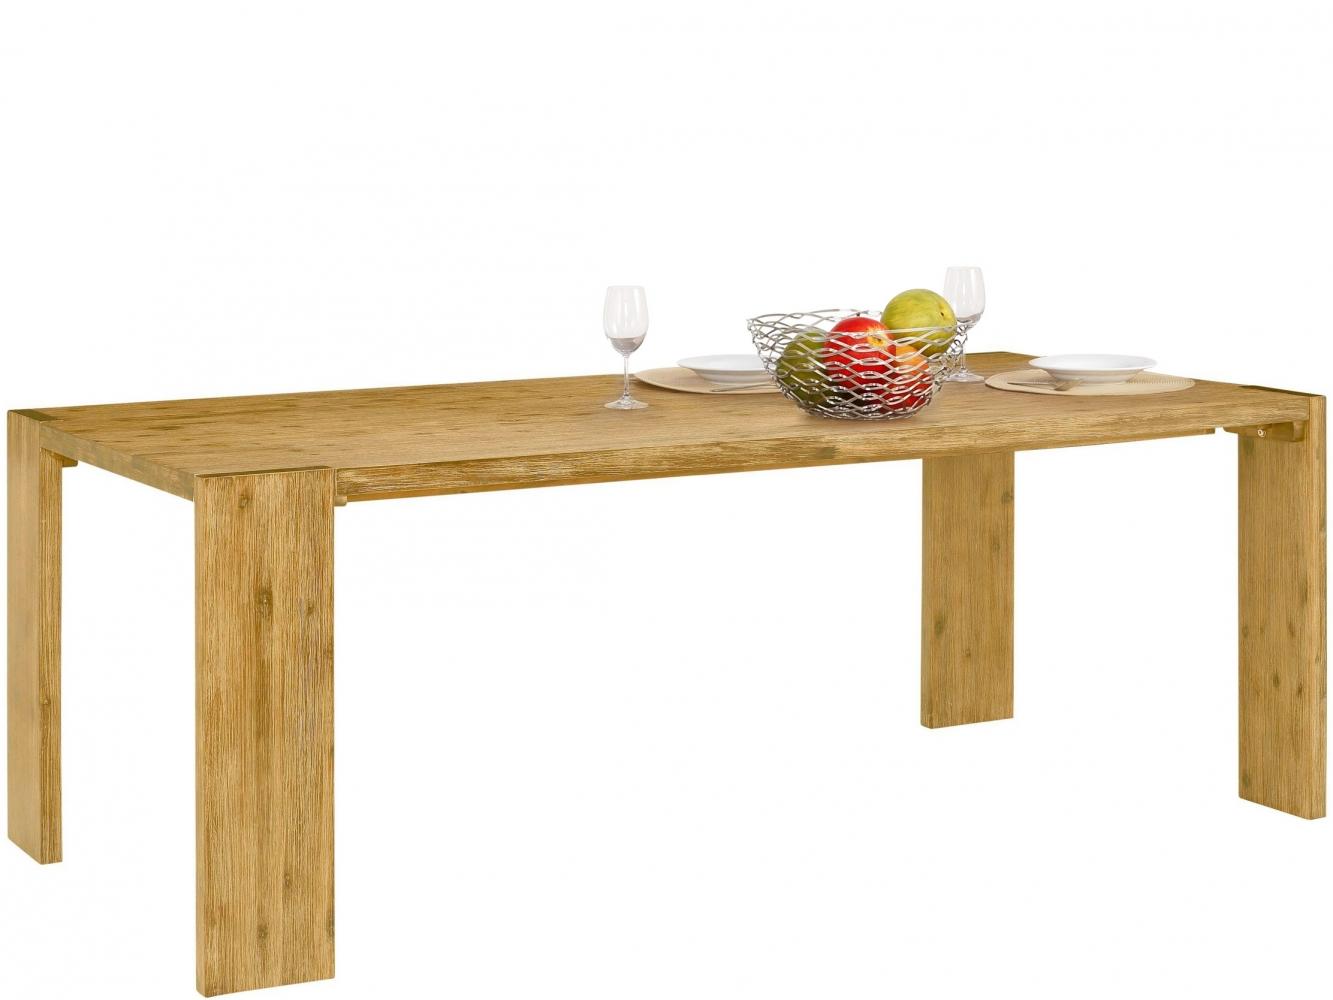 Jídelní stůl Jima, 220 cm, masivní akát